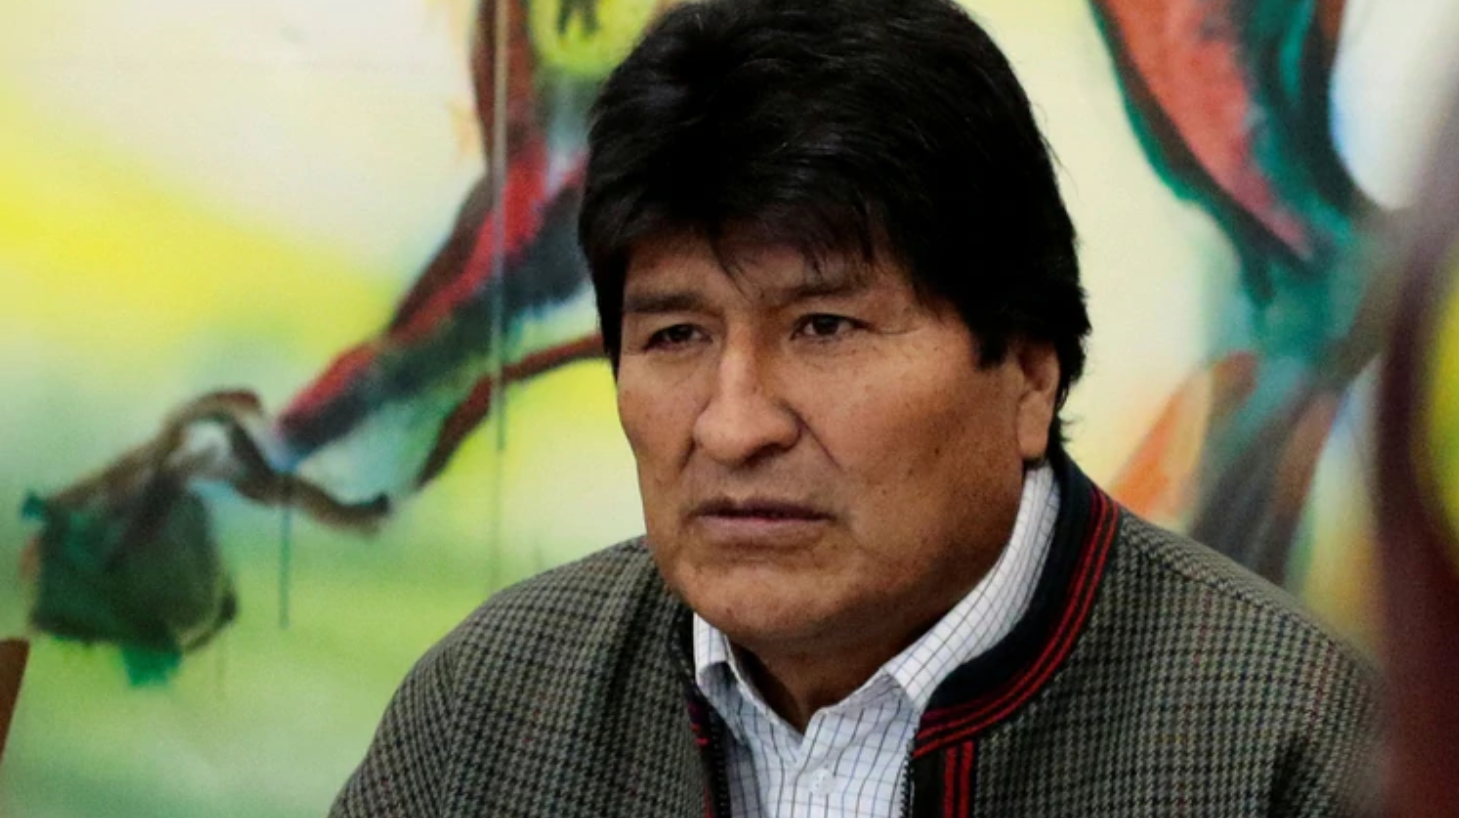 Los bolivarianos (ALBA) cierran filas en torno a Evo Morales mientras este se ofrece a volver a Bolivia